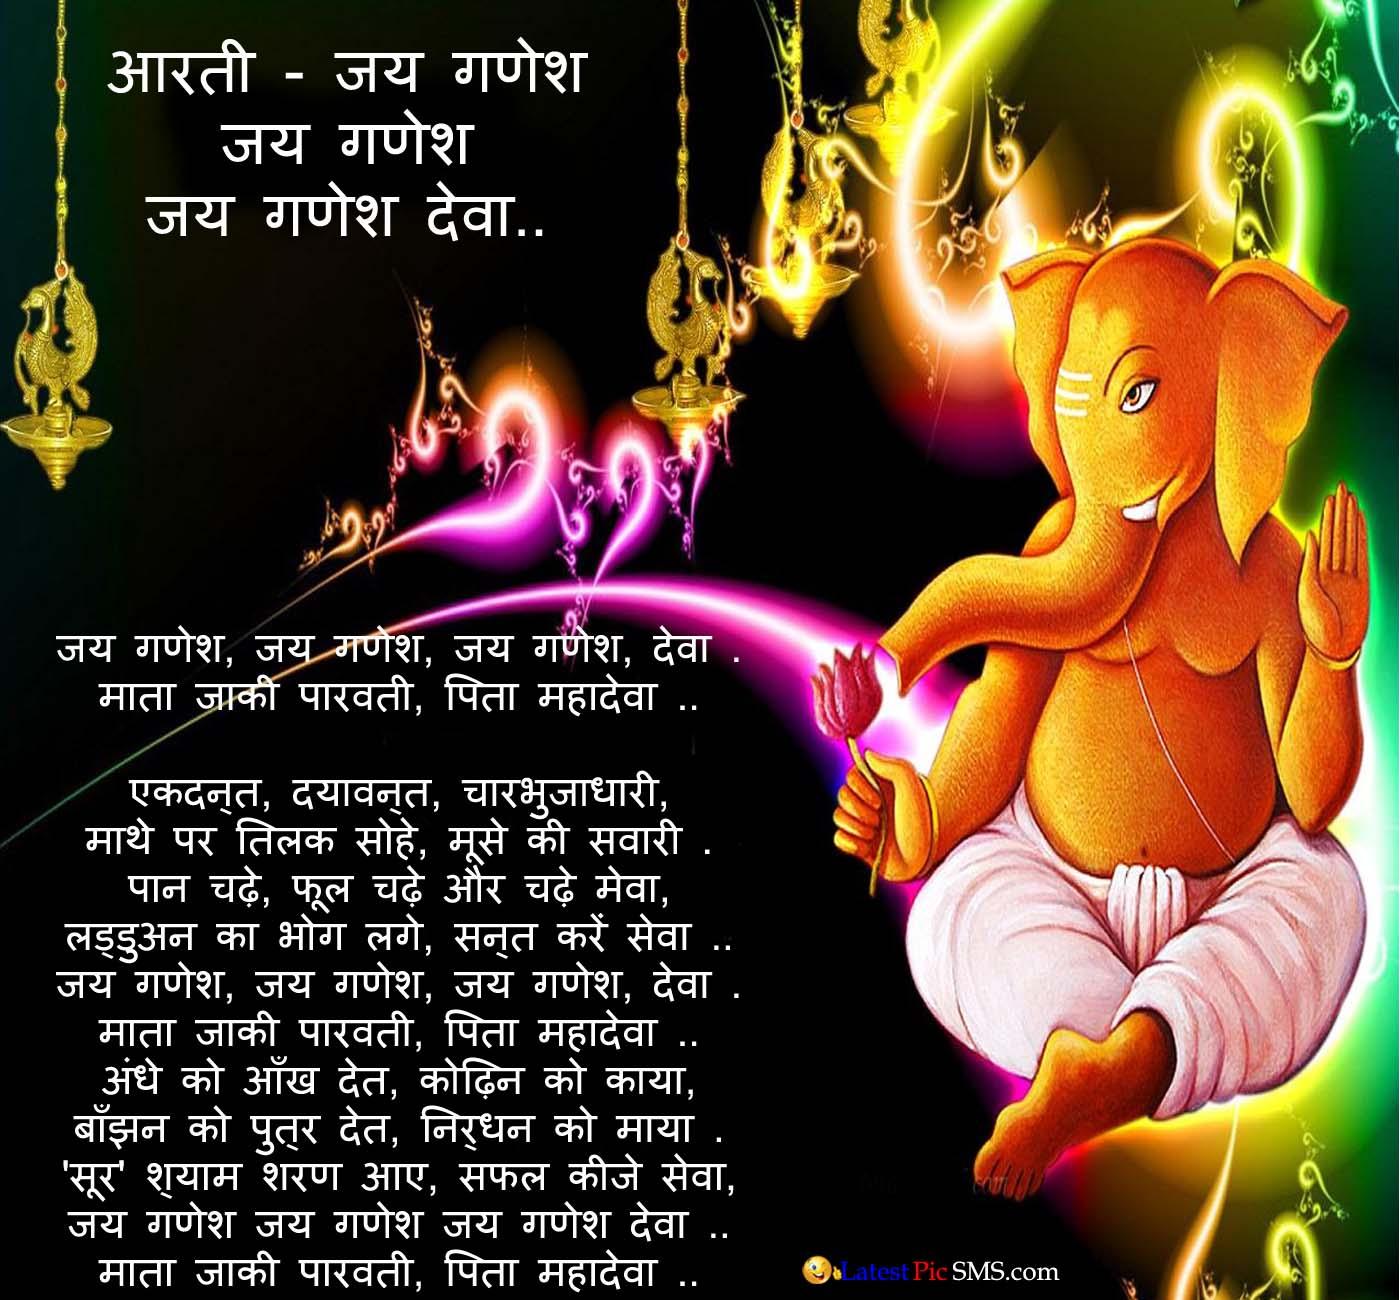 Aarti Jay ganesh deva mata jaki paravati pita mahadeva Song